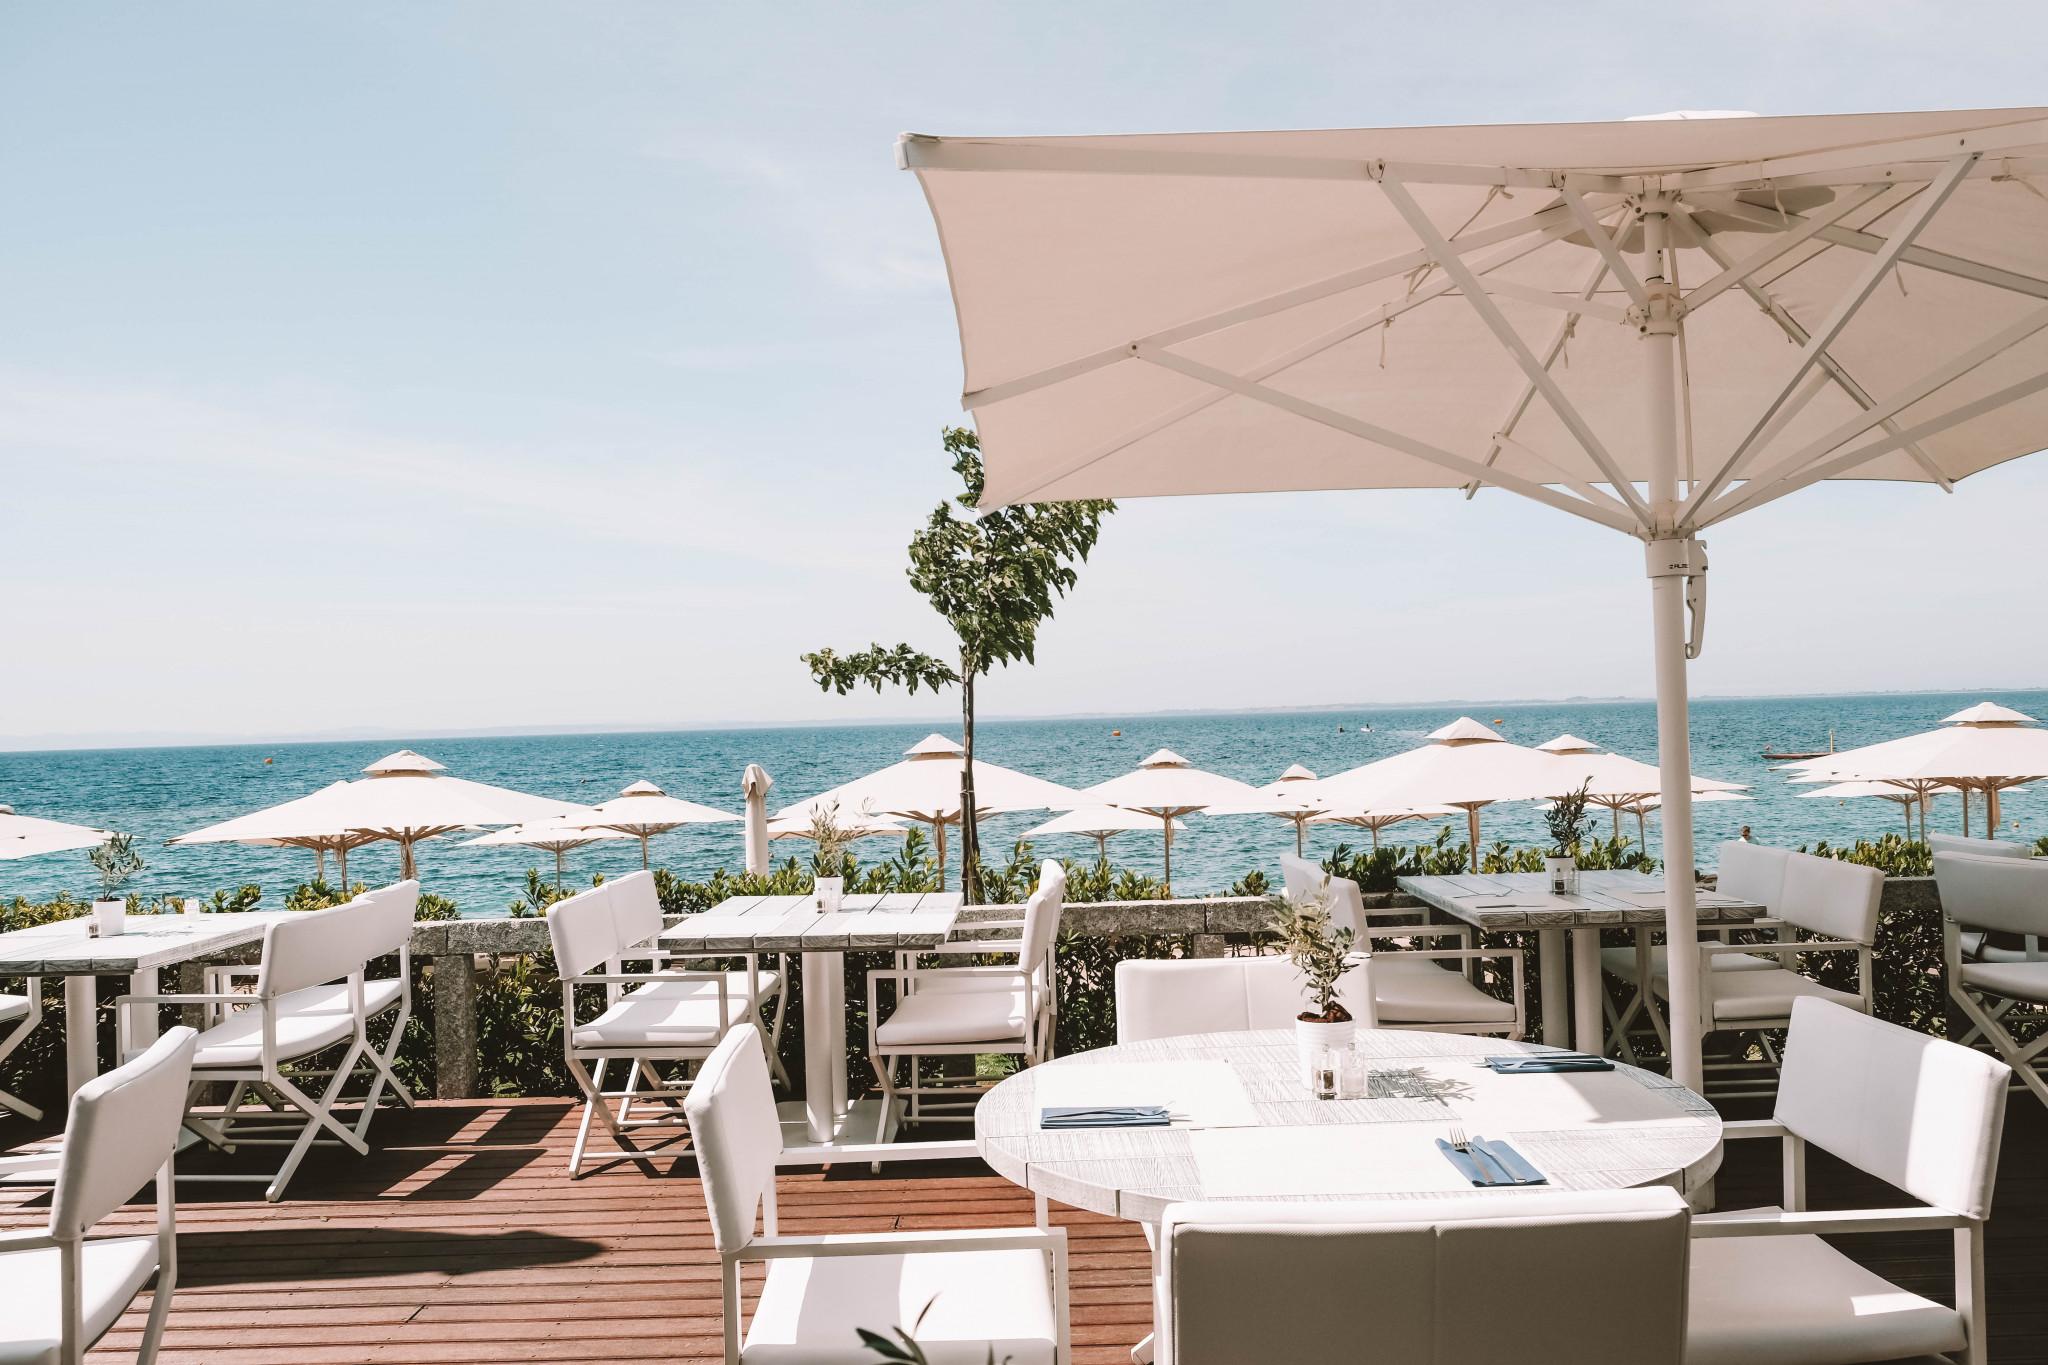 Grèce : Ikos Olivia, l'hôtel qui fait rimer all-in avec luxe sur-mesure - 2